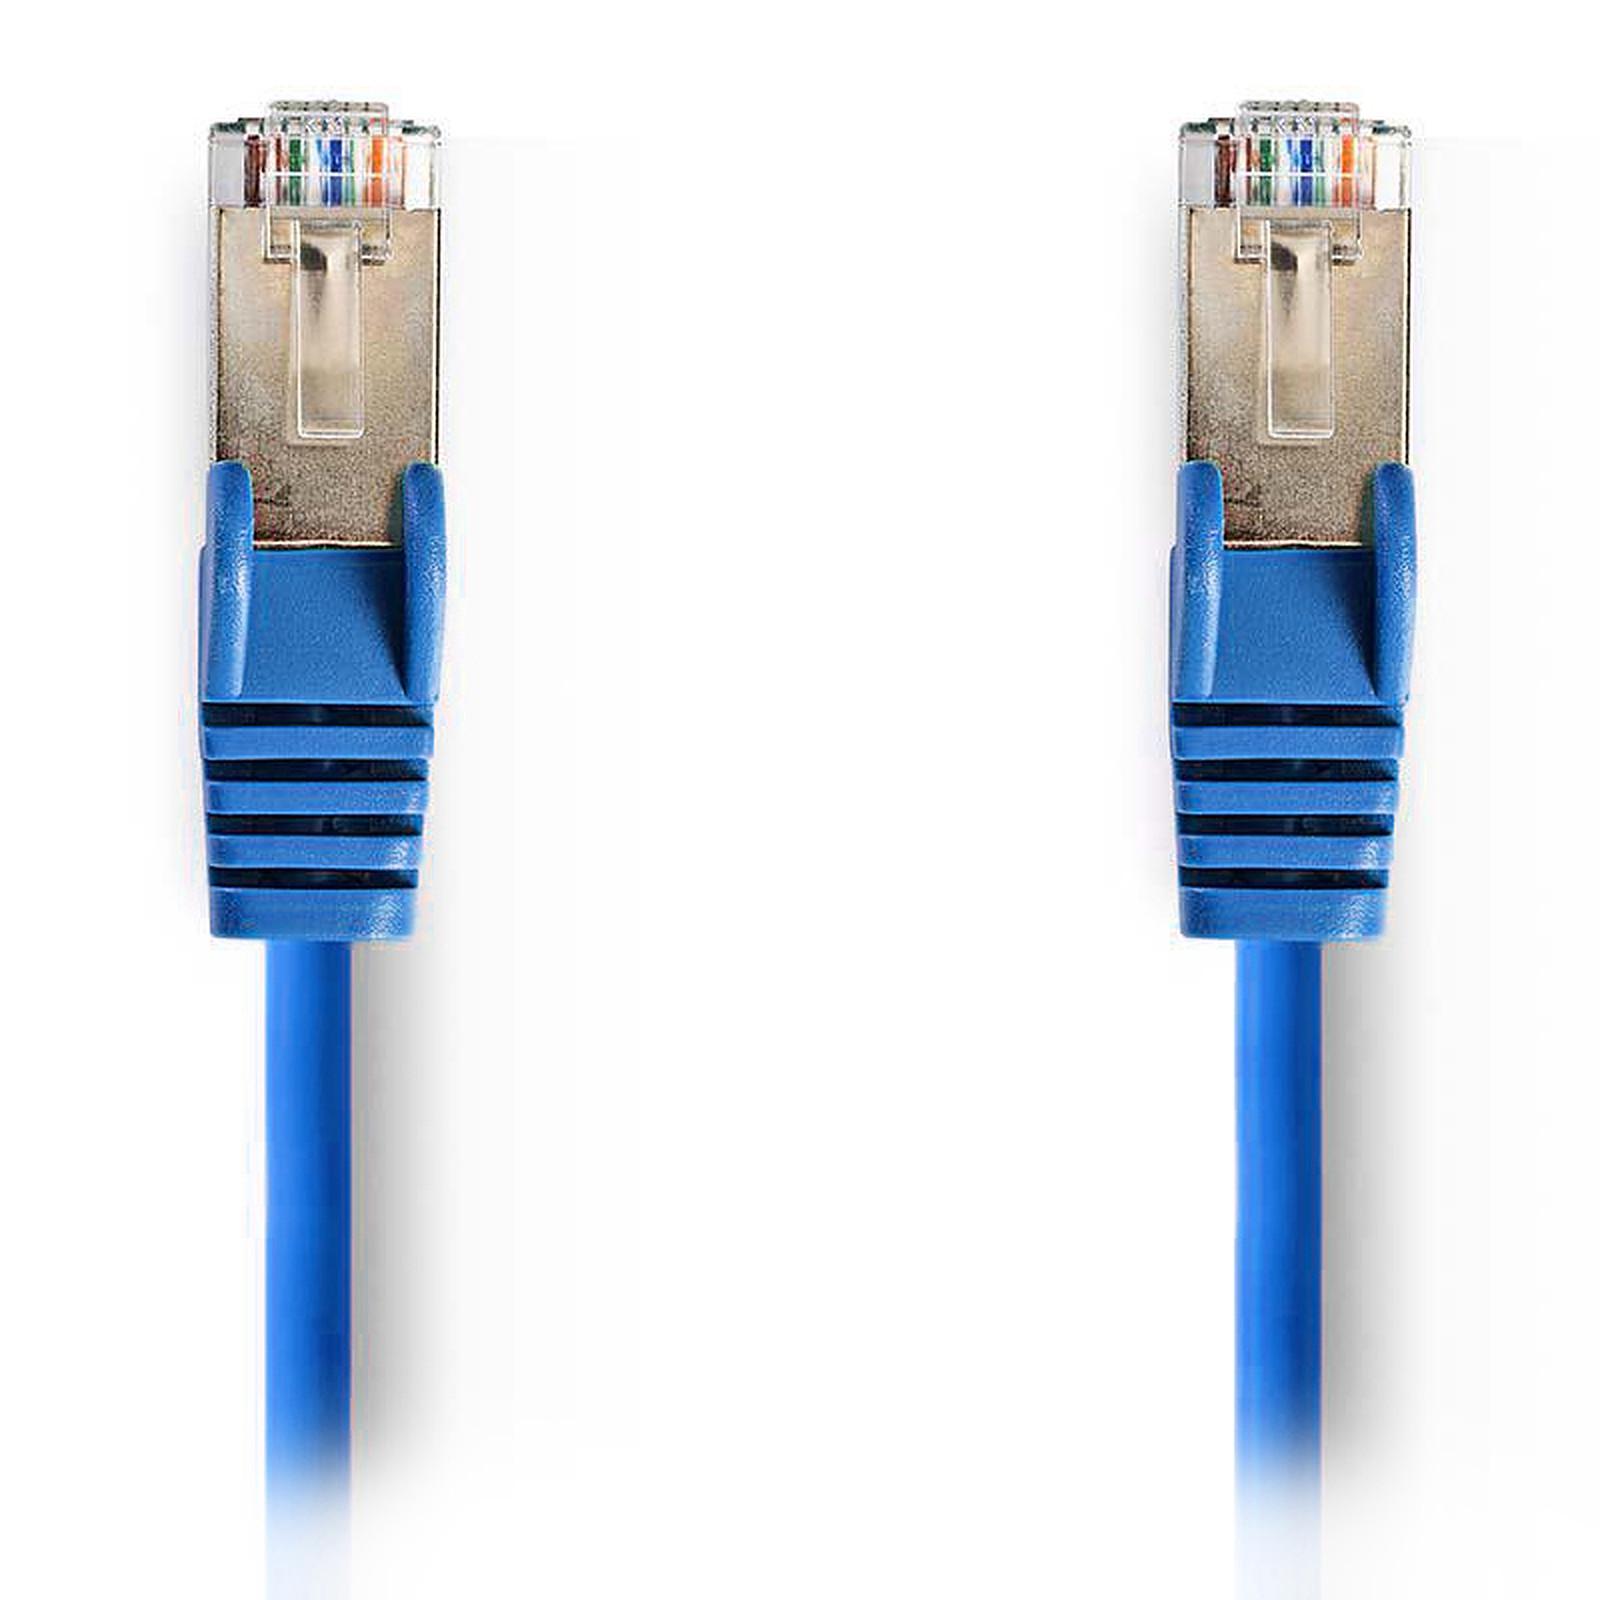 Nedis RJ45 categoría de cable 5e SF/UTP 2 m (azul)